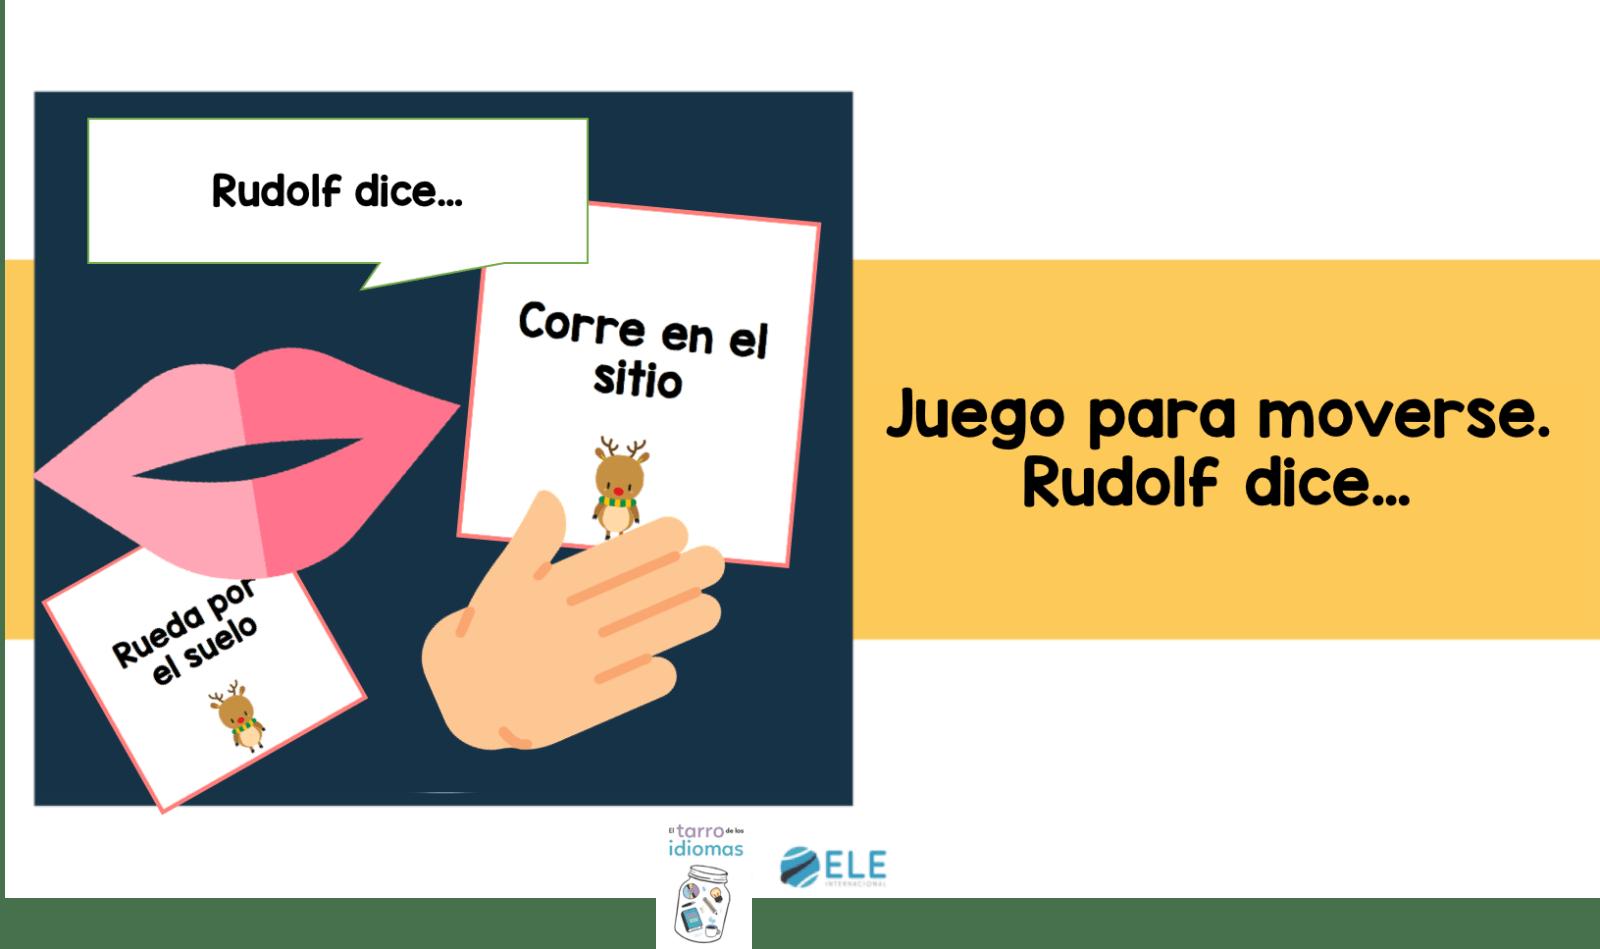 El juego de Rudolf es aprendizaje y diversión asegurada en tus clases de ELE. #activity #spanishteacher